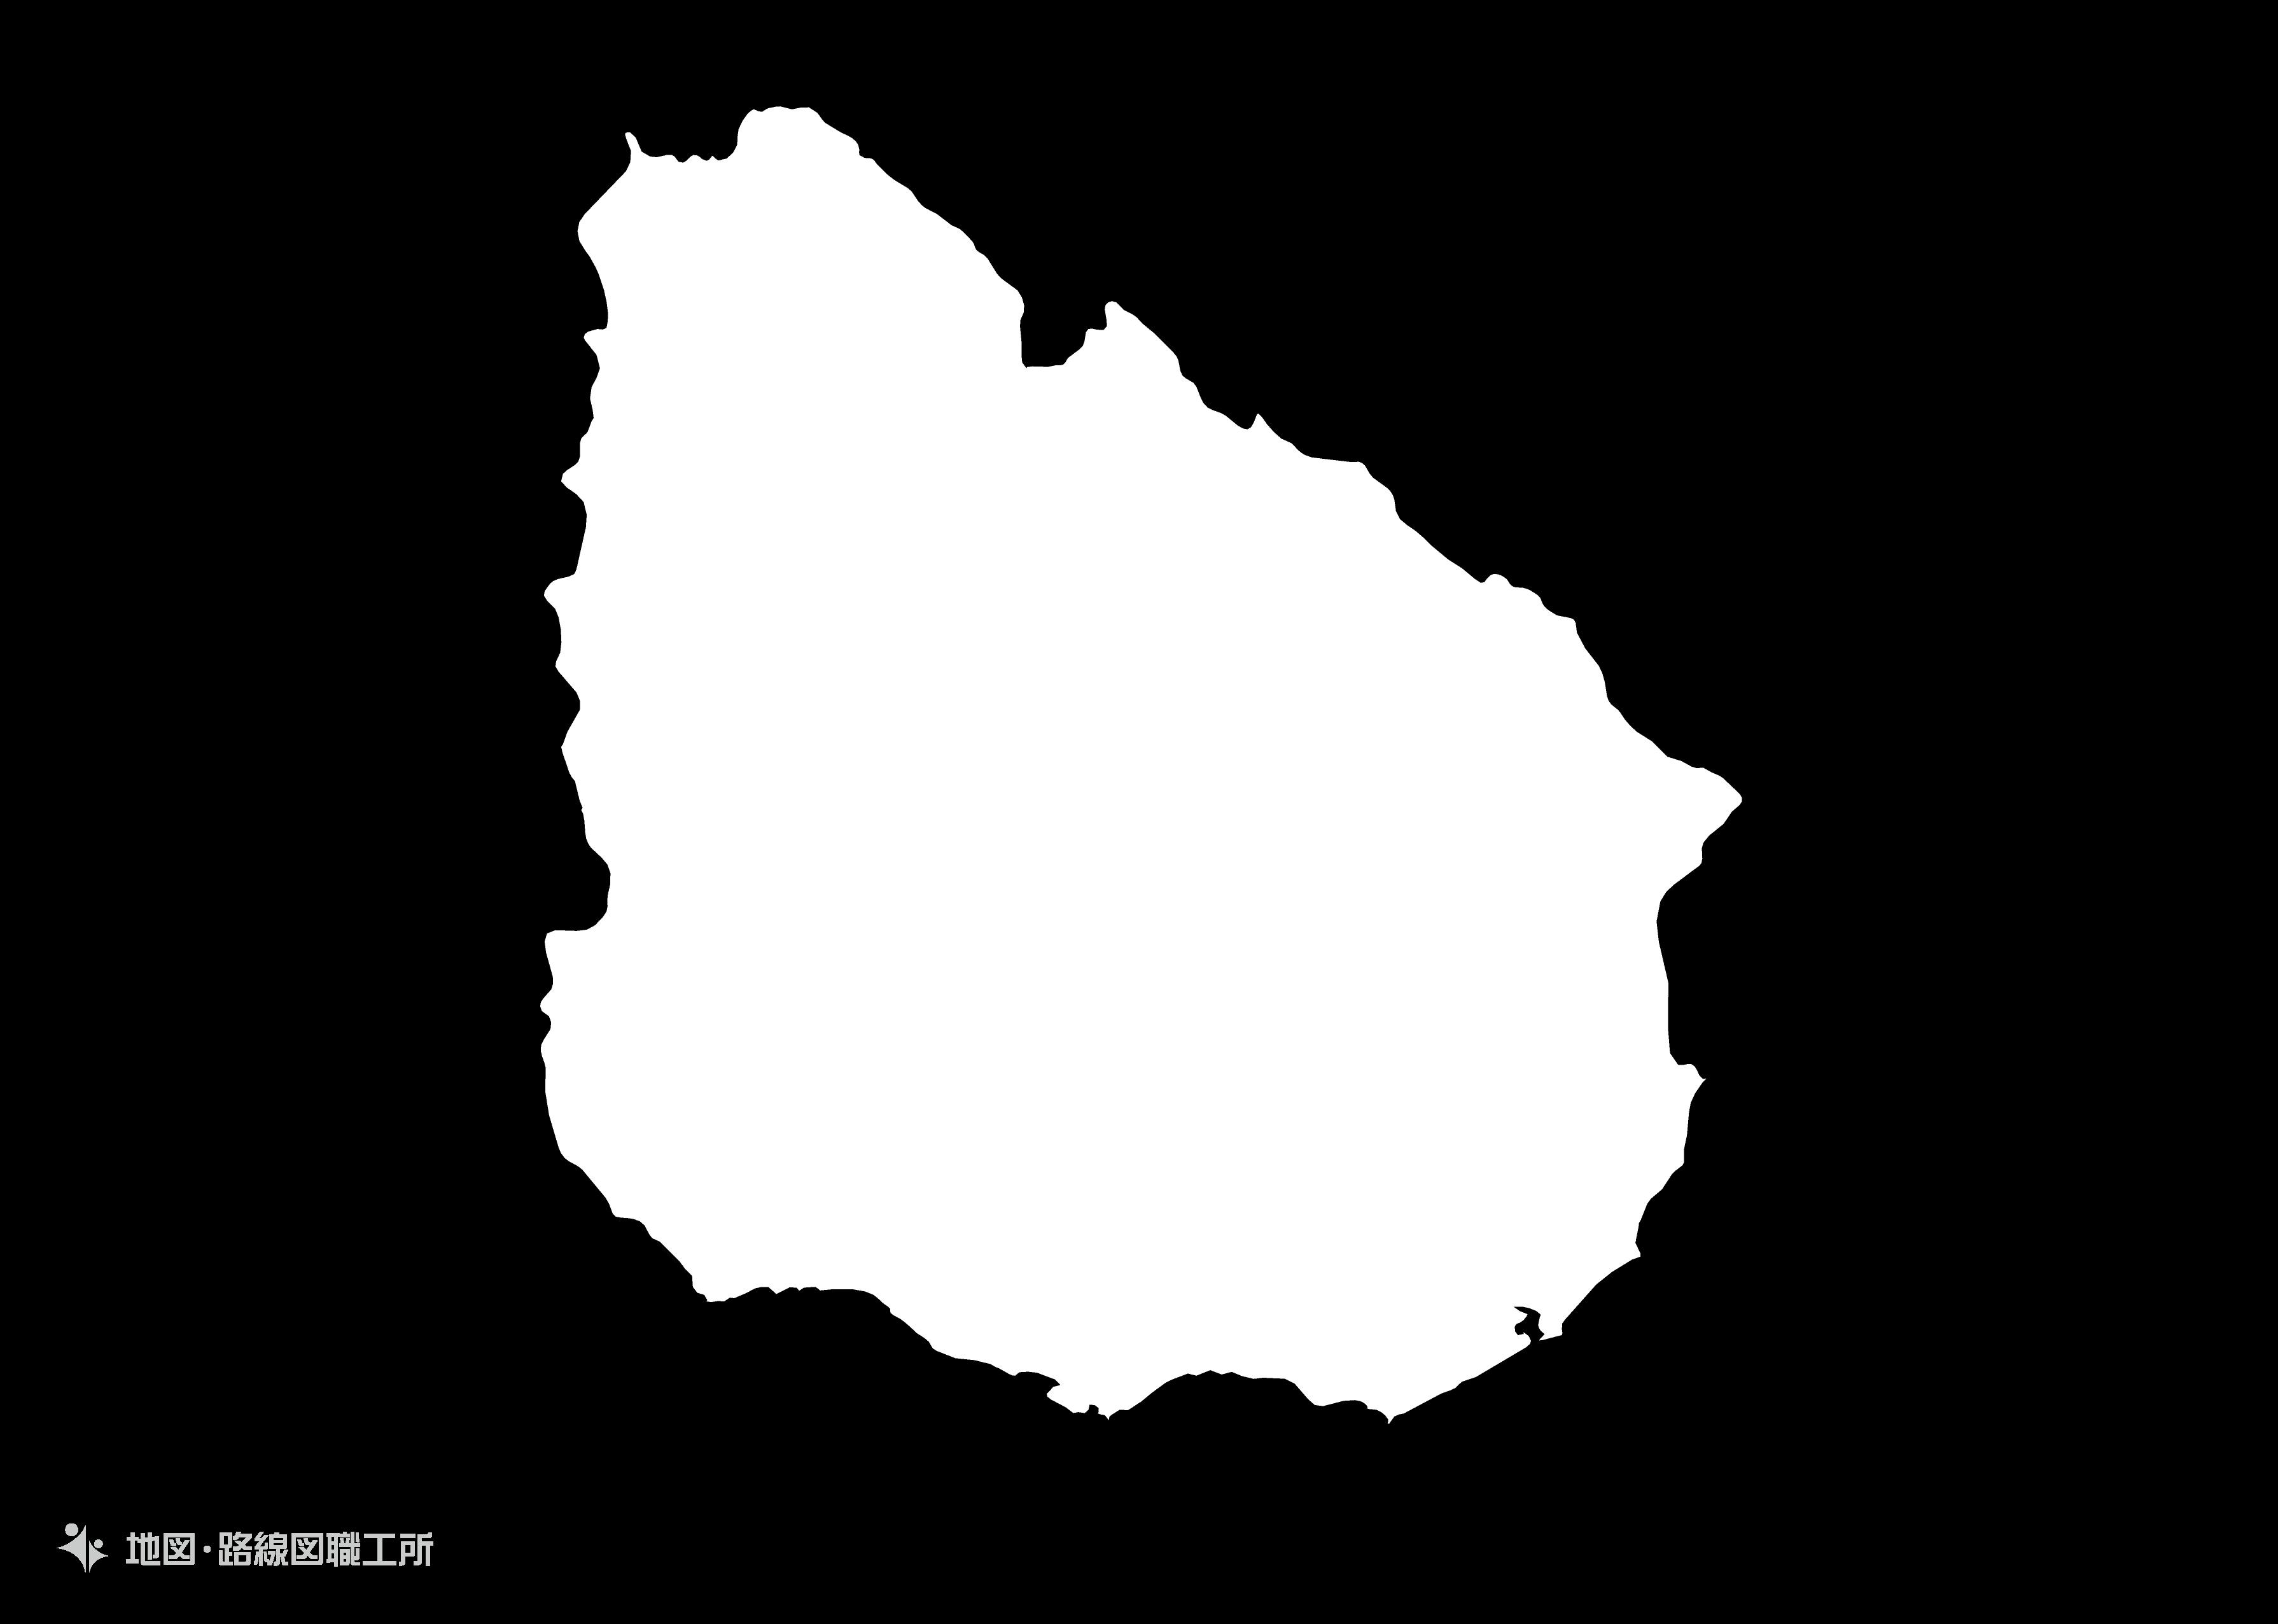 世界の白地図 ウルグアイ東方共和国 oriental-republic-of-uruguay map